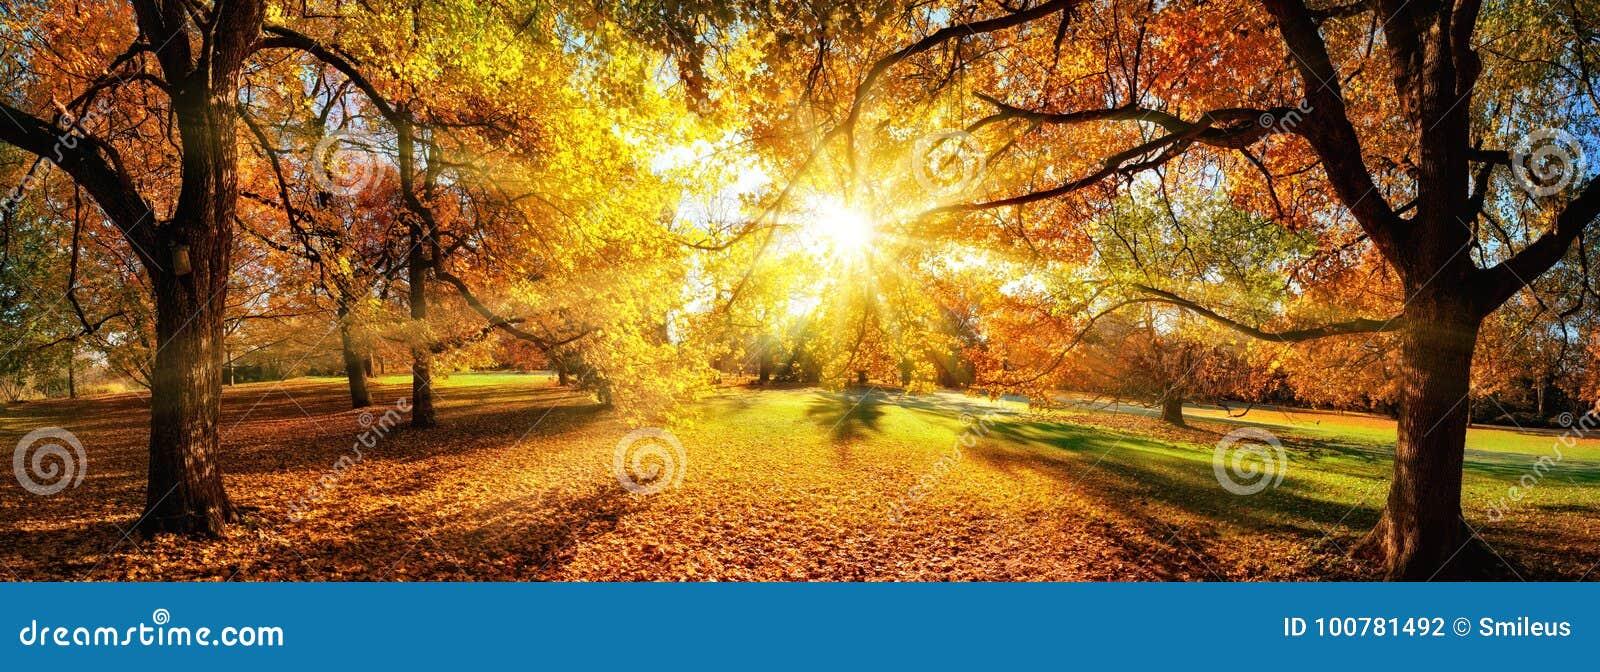 Καταπληκτικό πανοραμικό τοπίο φθινοπώρου σε ένα πάρκο